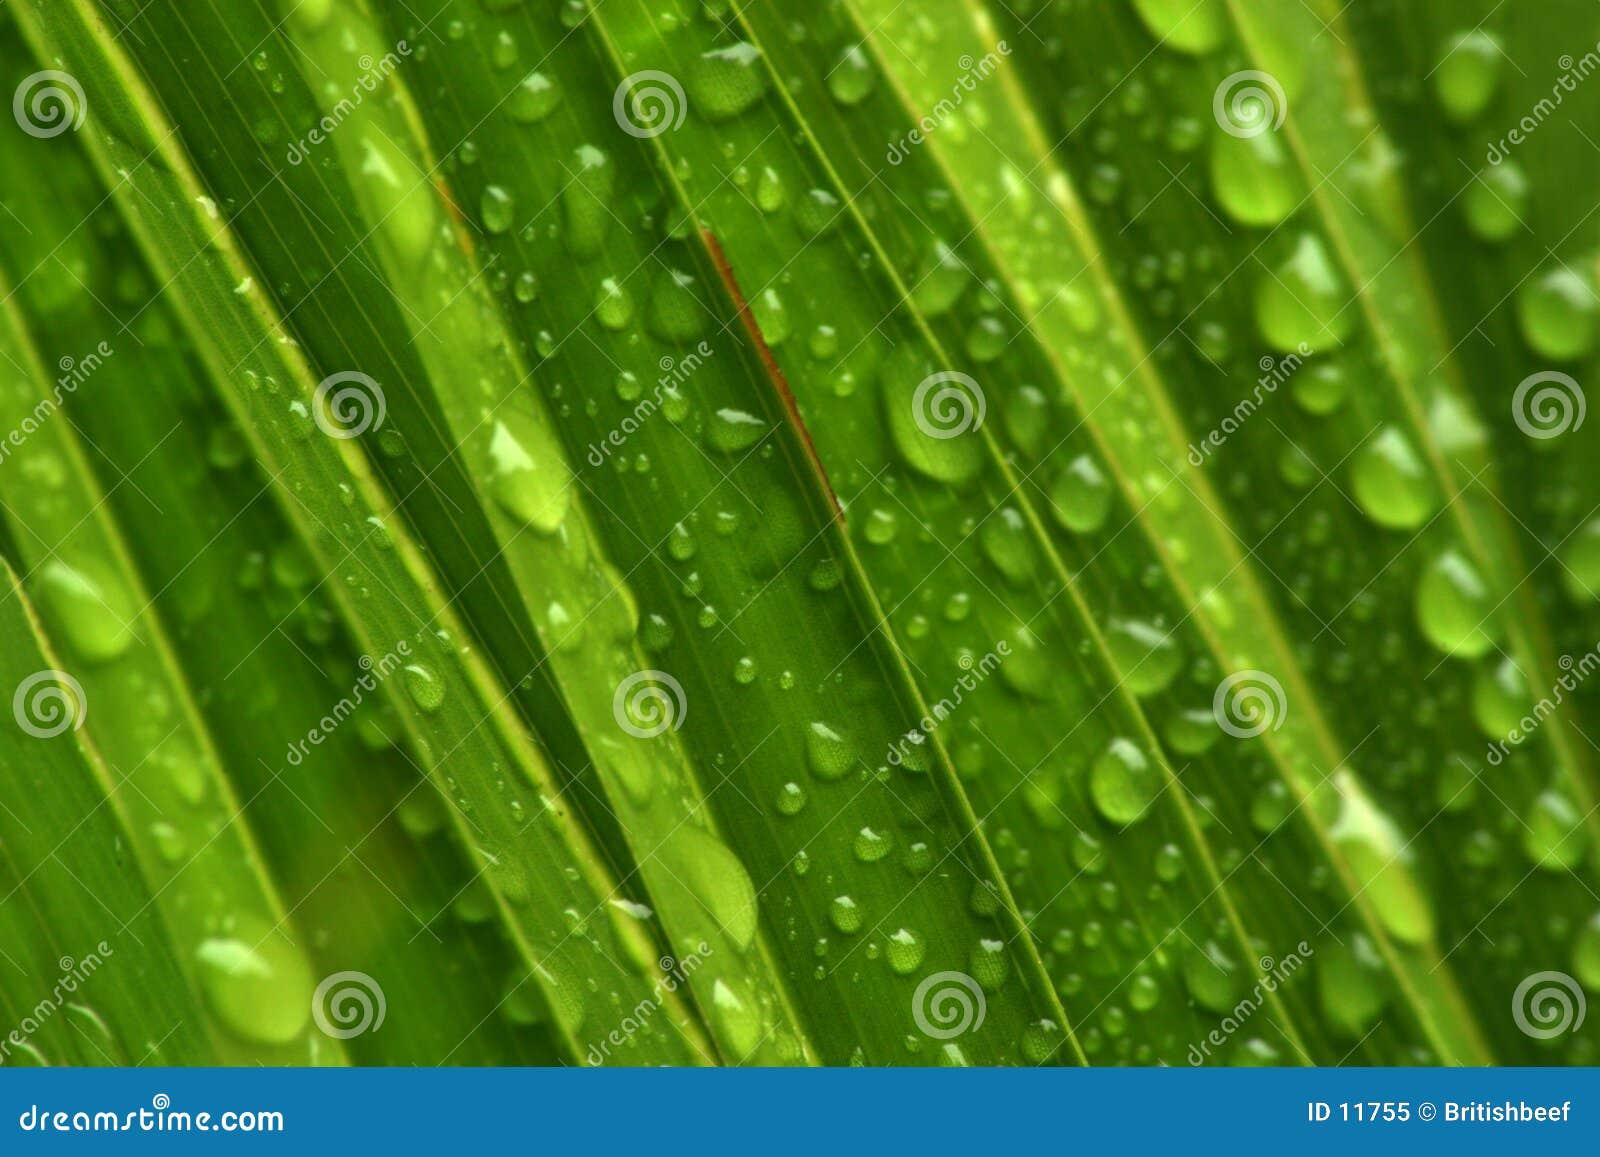 De druppeltjes van het water op groen